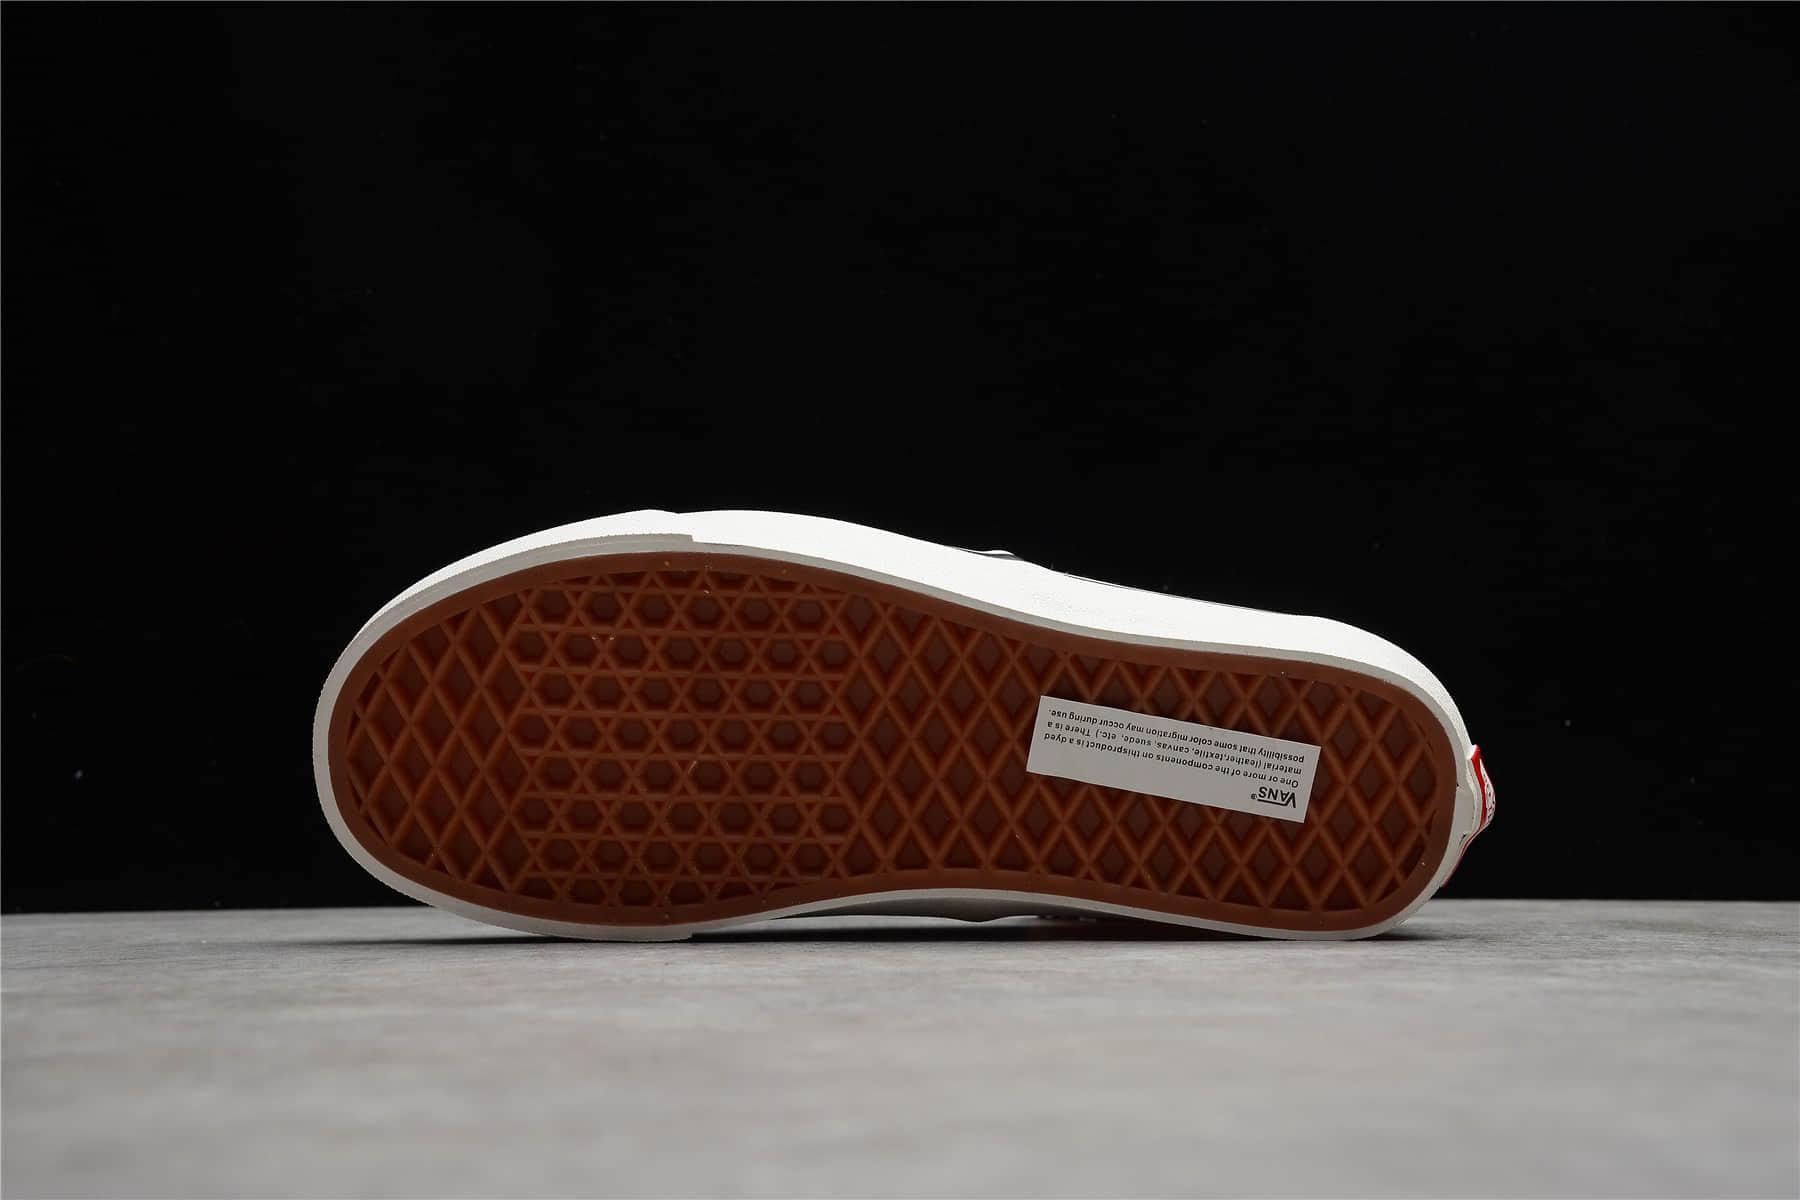 万斯小花一脚蹬低帮帆布鞋 Vans Authentic 44 Dx 万斯鸳鸯彩色小花 万斯硫化板鞋 货号:VN0A54F241S-潮流者之家